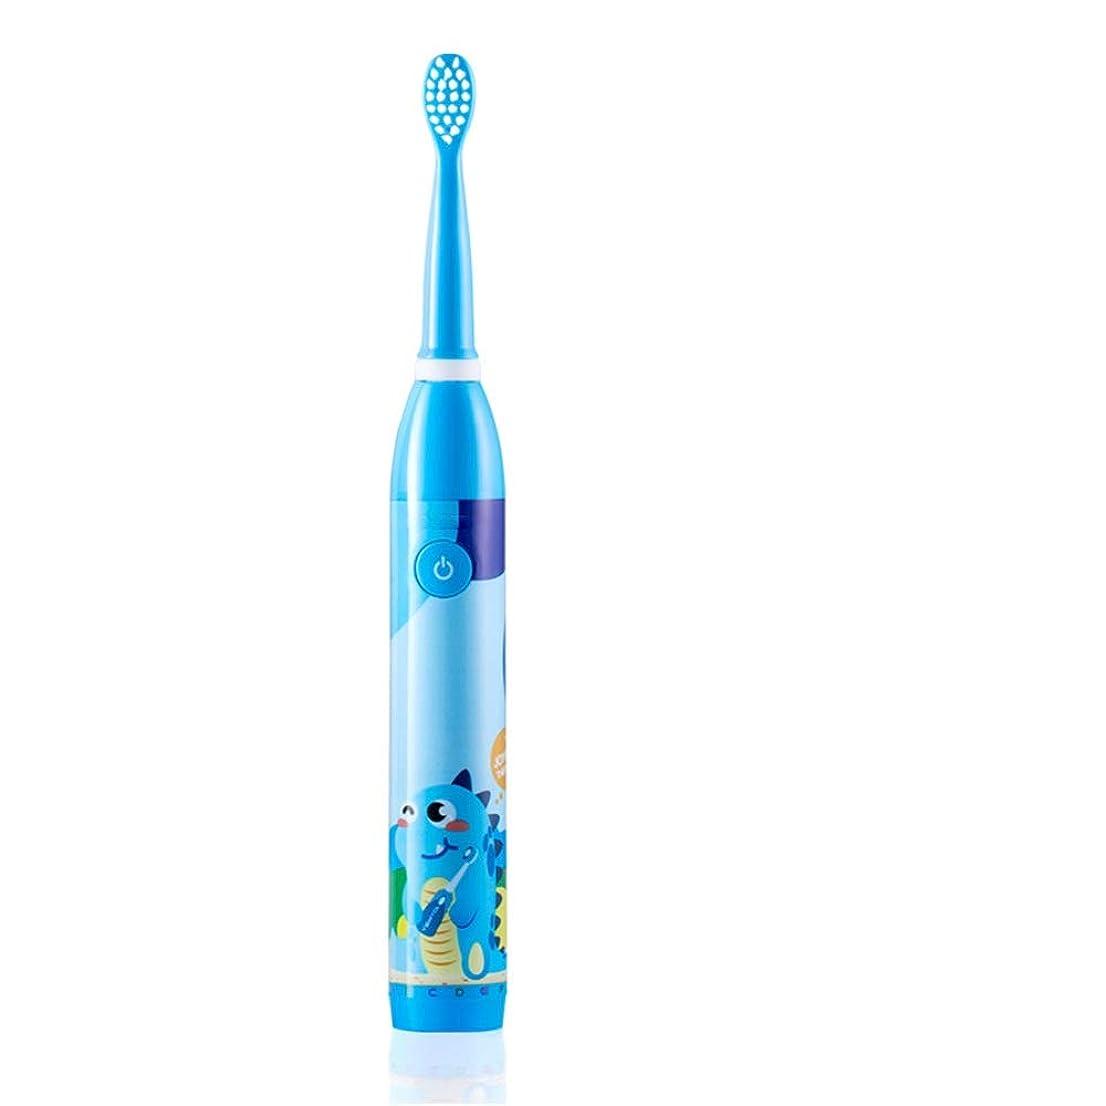 葉っぱポルトガル語スズメバチ電動歯ブラシ 子供のために適した子供の電動歯ブラシUSB充電式防水歯ブラシ2-5 ケアー プロテクトクリーン (色 : 青, サイズ : Free size)